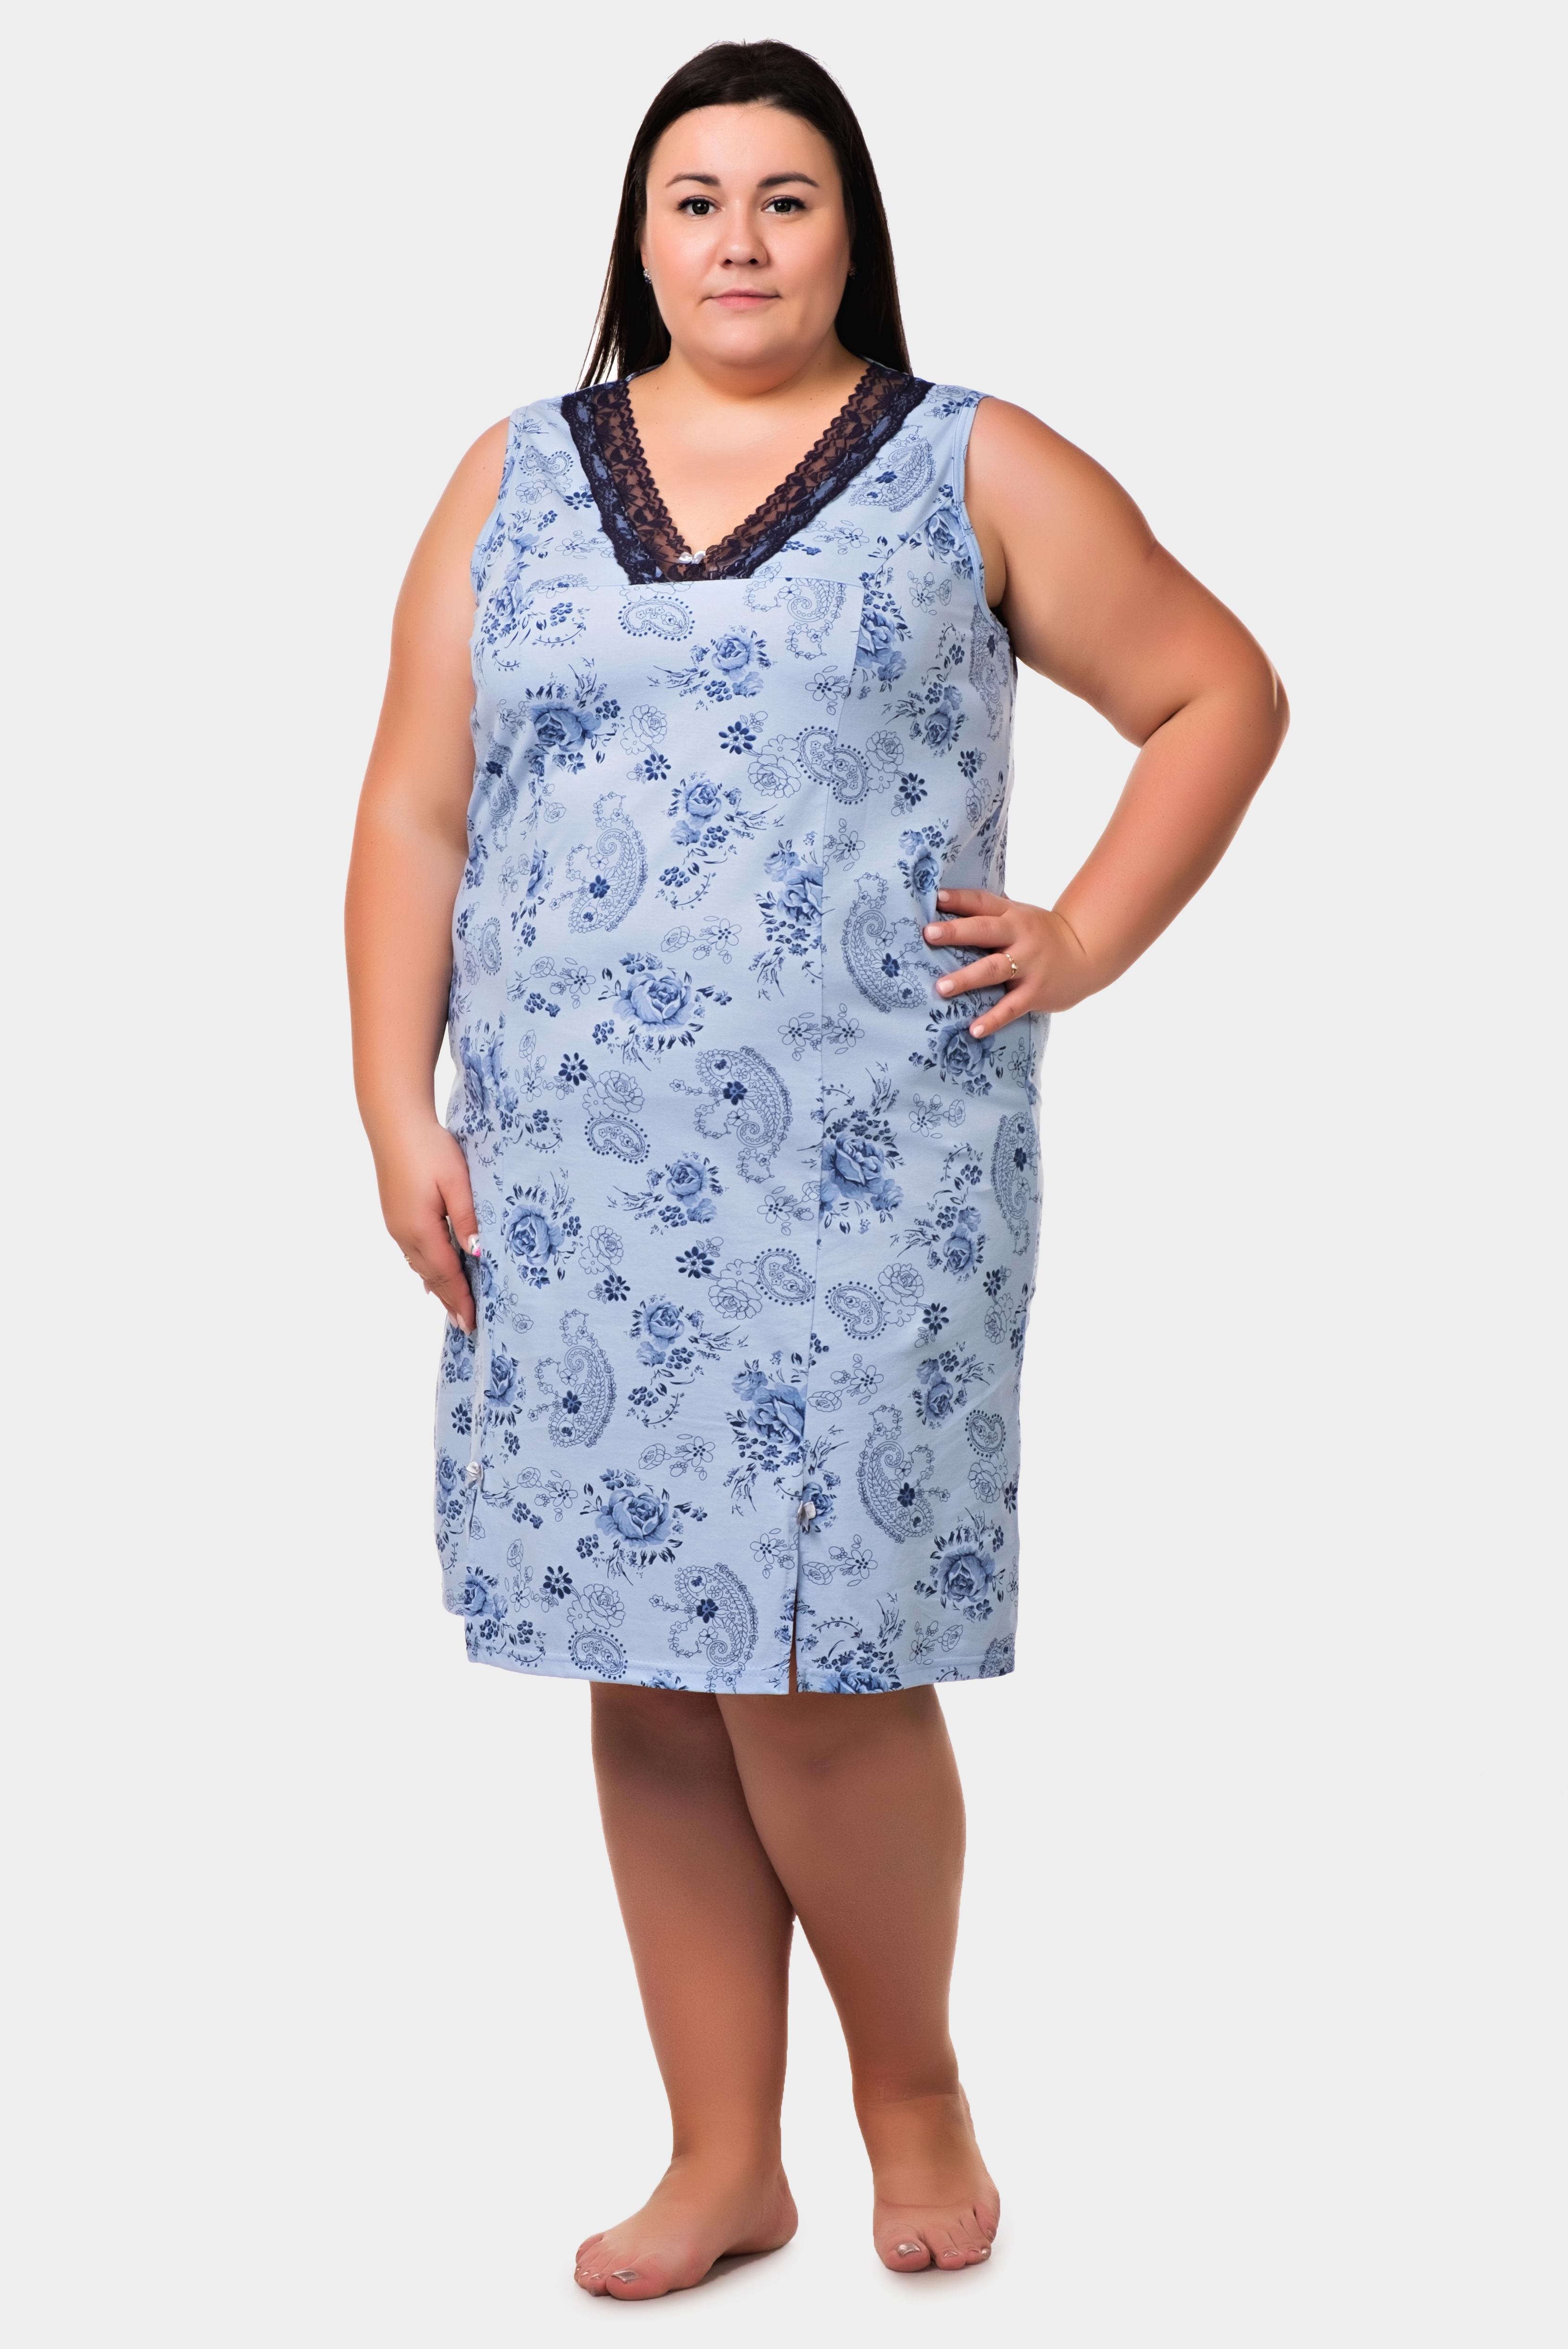 Изображение: Сорочка с кружевом